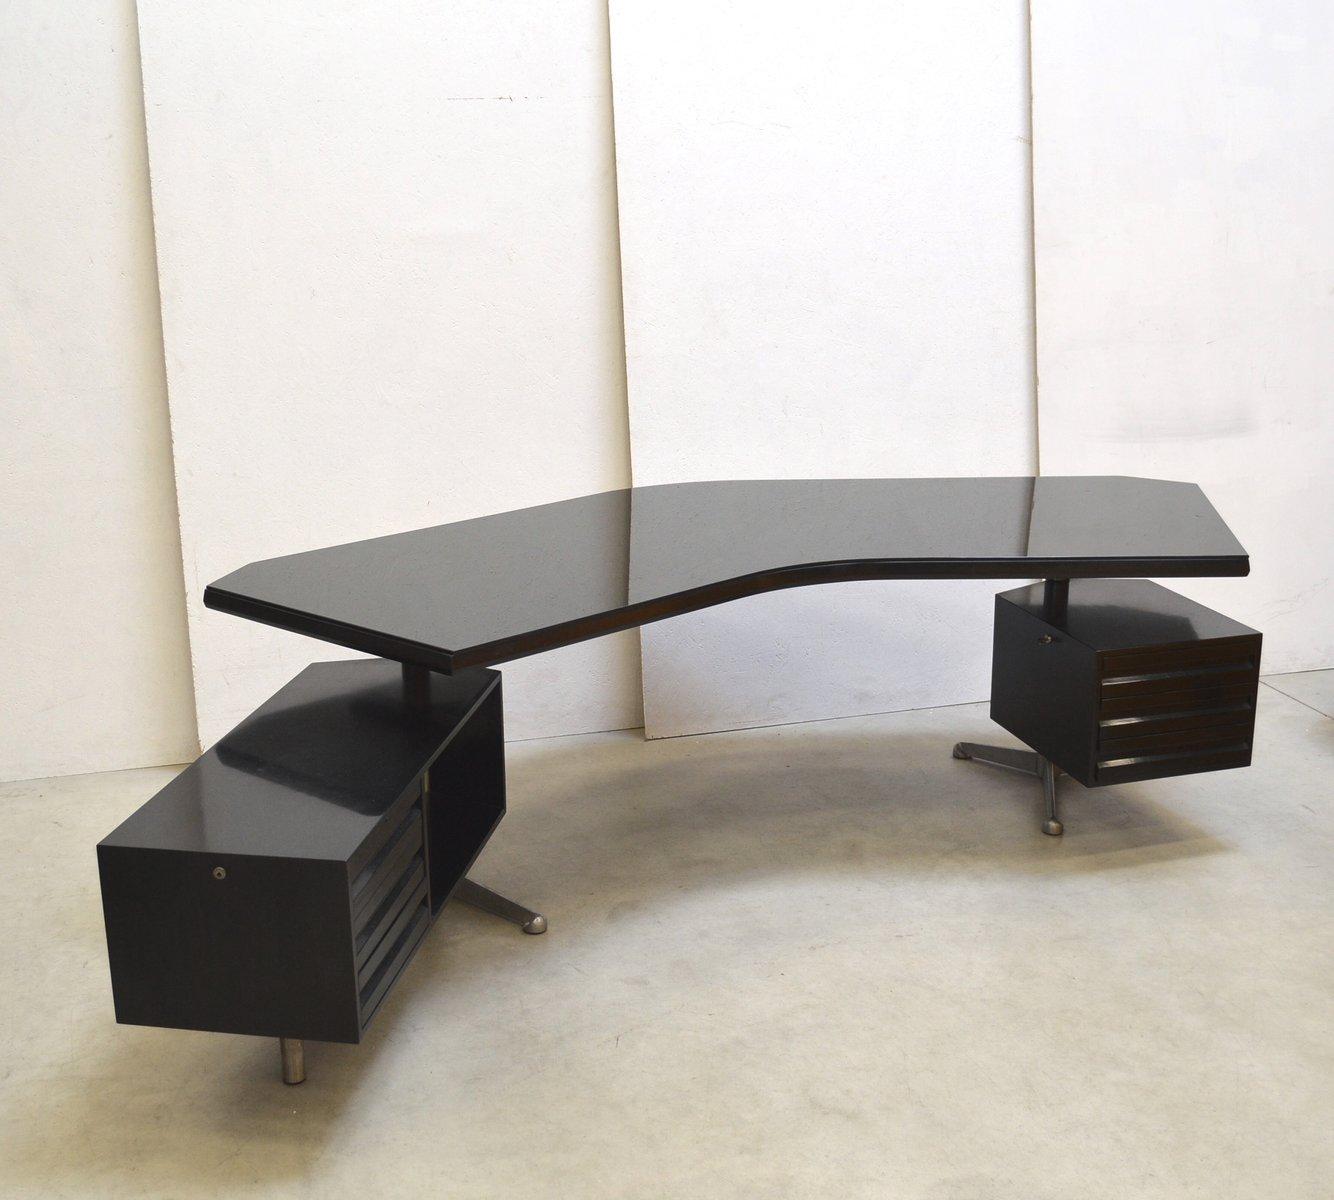 Italian Mahogany T96 Boomerang Desk By Osvaldo Borsani For Tecno 1970s For Sale At Pamono